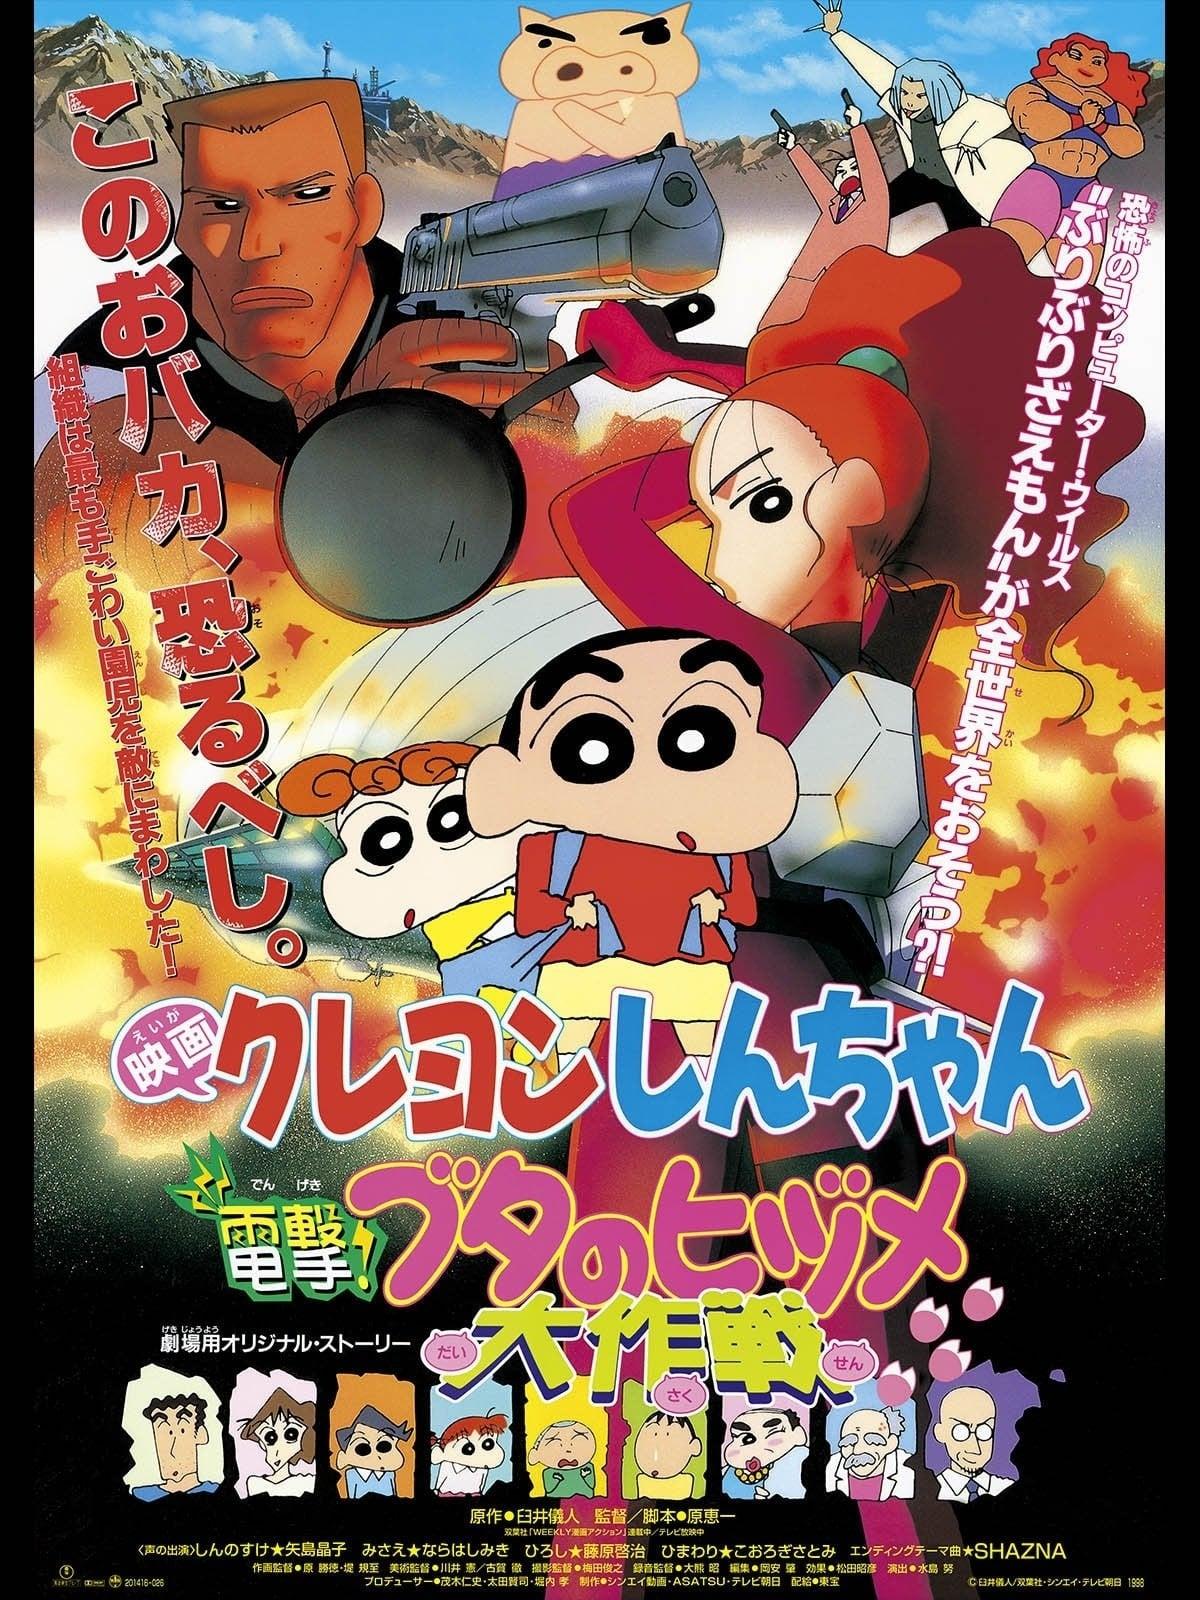 Crayon Shin chan: Dengeki! Buta no Hizume Daisakusen (1998)